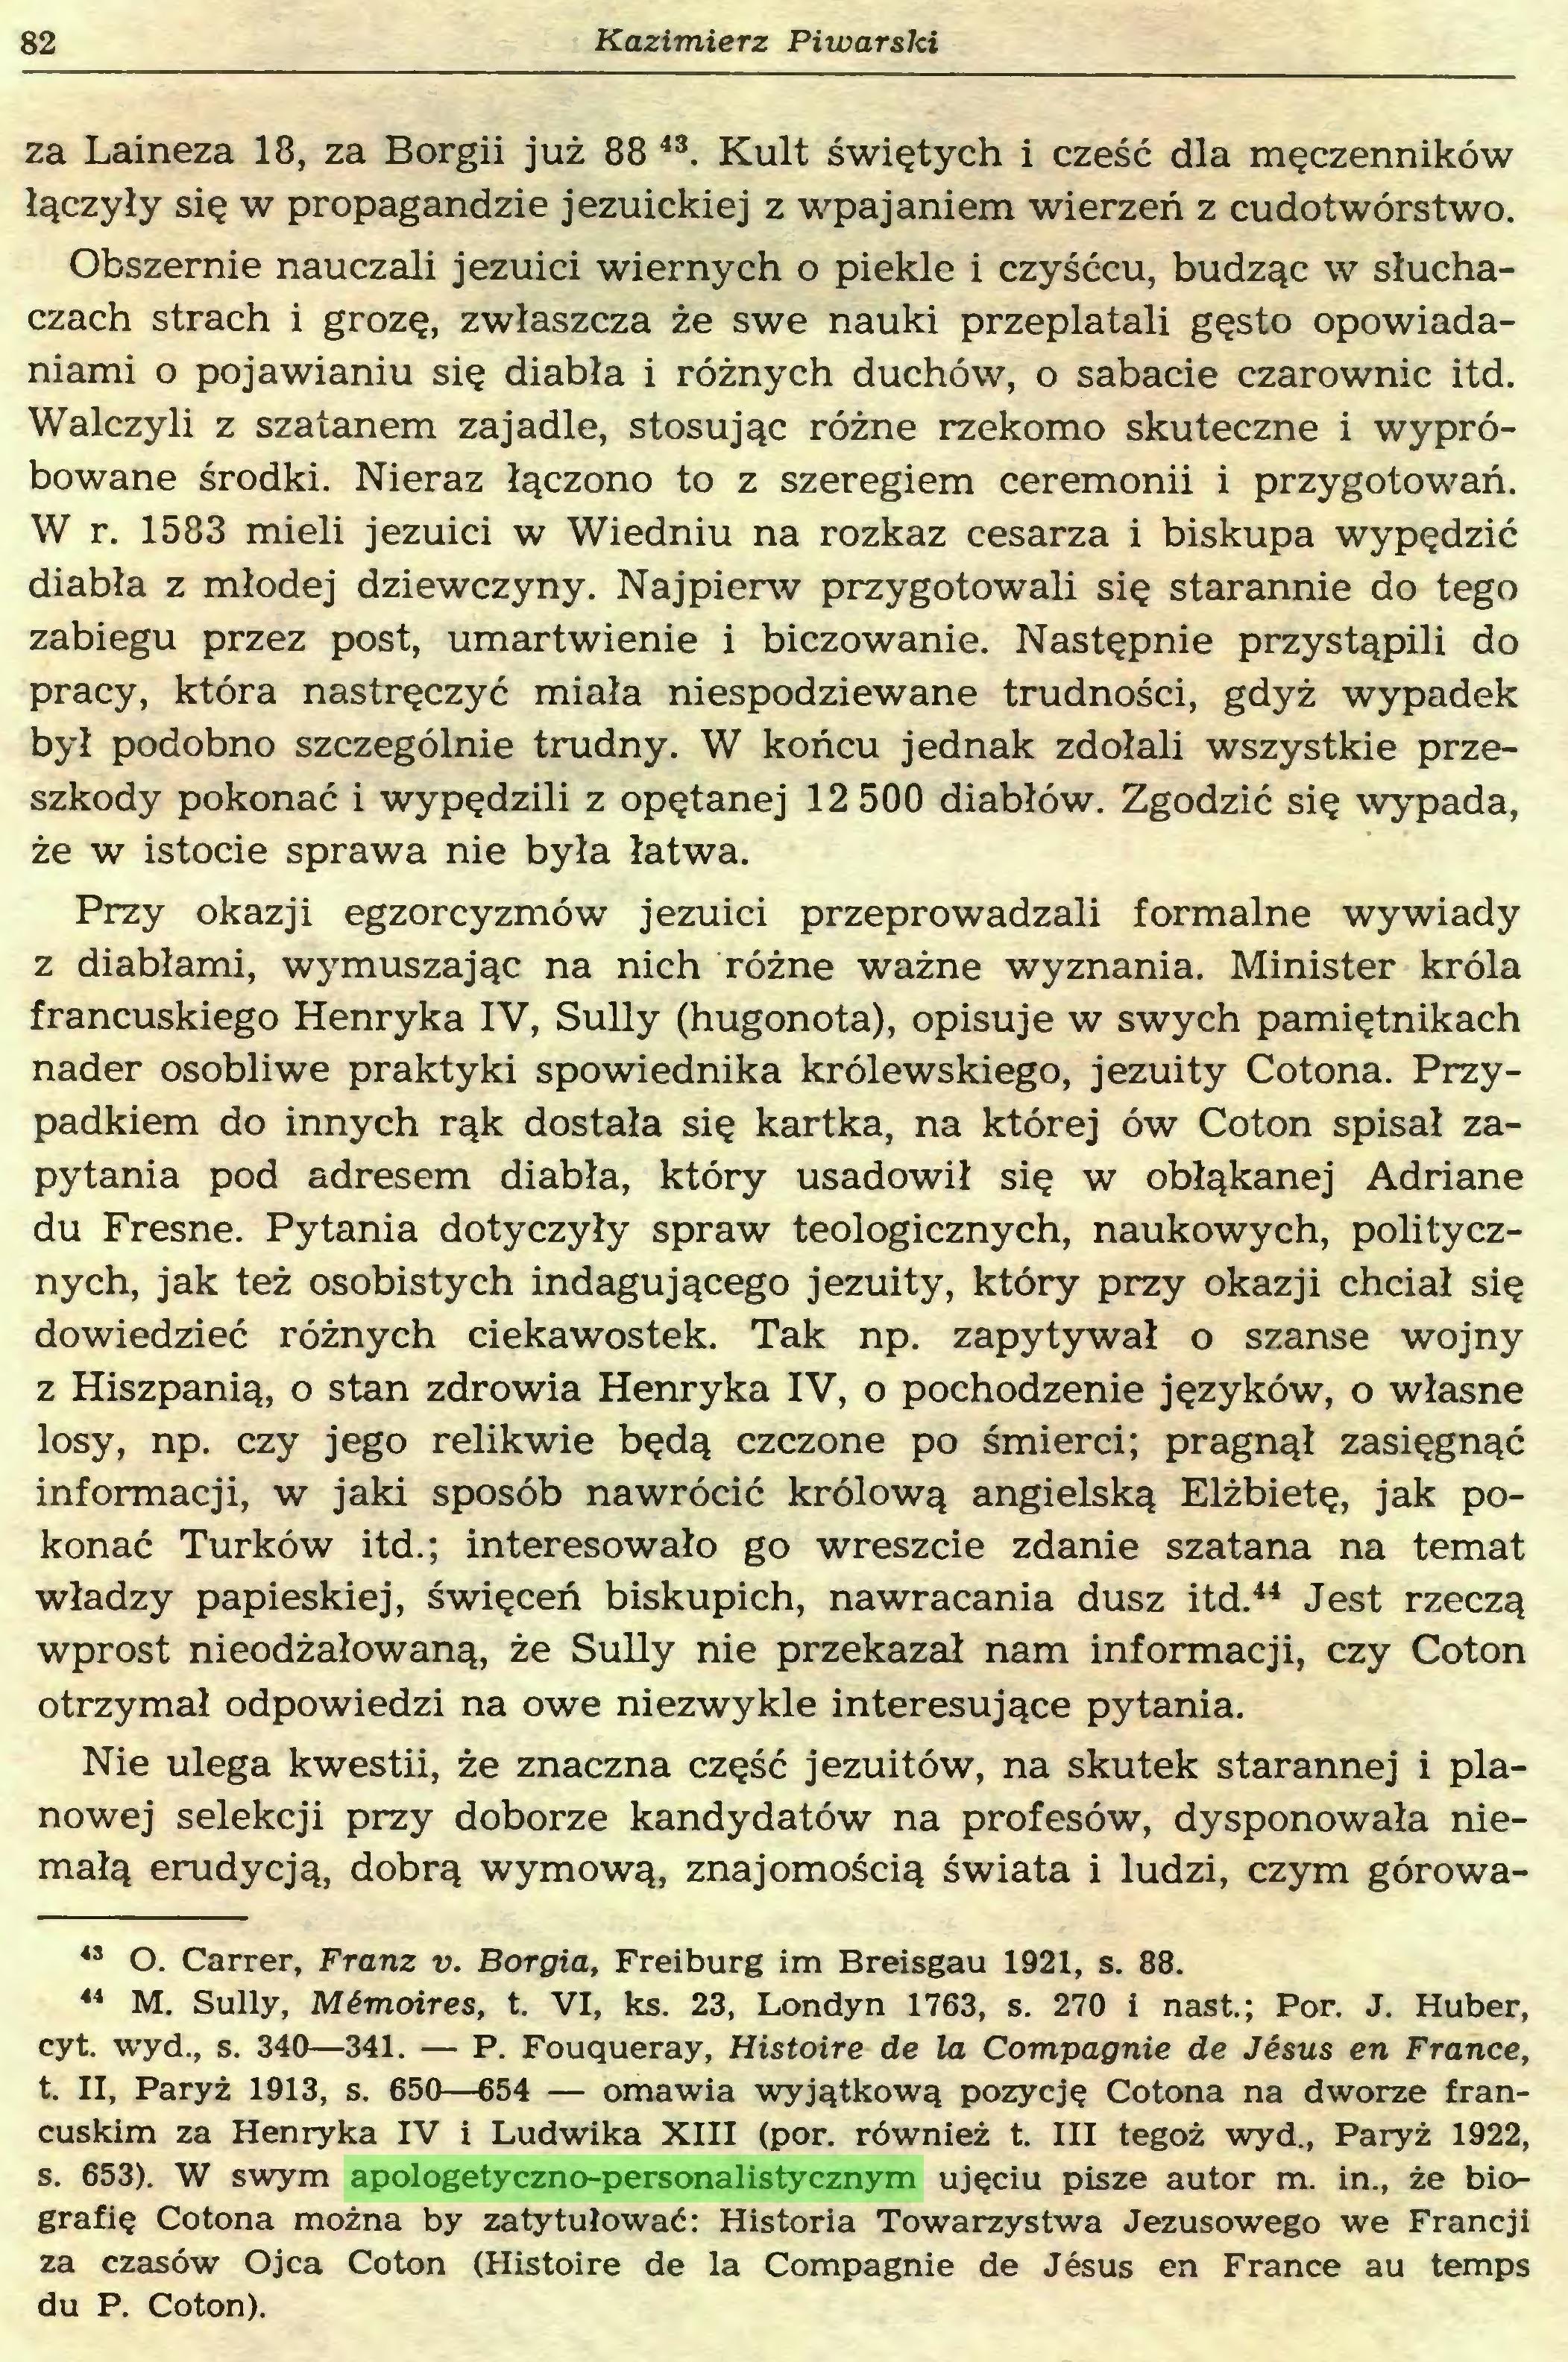 (...) 44 M. Sully, Mémoires, t. VI, ks. 23, Londyn 1763, s. 270 i nast.; Por. J. Huber, cyt. wyd., s. 340—341. — P. Fouqueray, Histoire de la Compagnie de Jésus en France, t. II, Paryż 1913, s. 650—654 — omawia wyjątkową pozycję Cotona na dworze francuskim za Henryka IV i Ludwika XIII (por. również t. III tegoż wyd., Paryż 1922, s. 653). W swym apologetyczno-personalistycznym ujęciu pisze autor m. in., że biografię Cotona można by zatytułować: Historia Towarzystwa Jezusowego we Francji za czasów Ojca Coton (Histoire de la Compagnie de Jésus en France au temps du P. Coton). Sobór trydencki i jezuici 83...